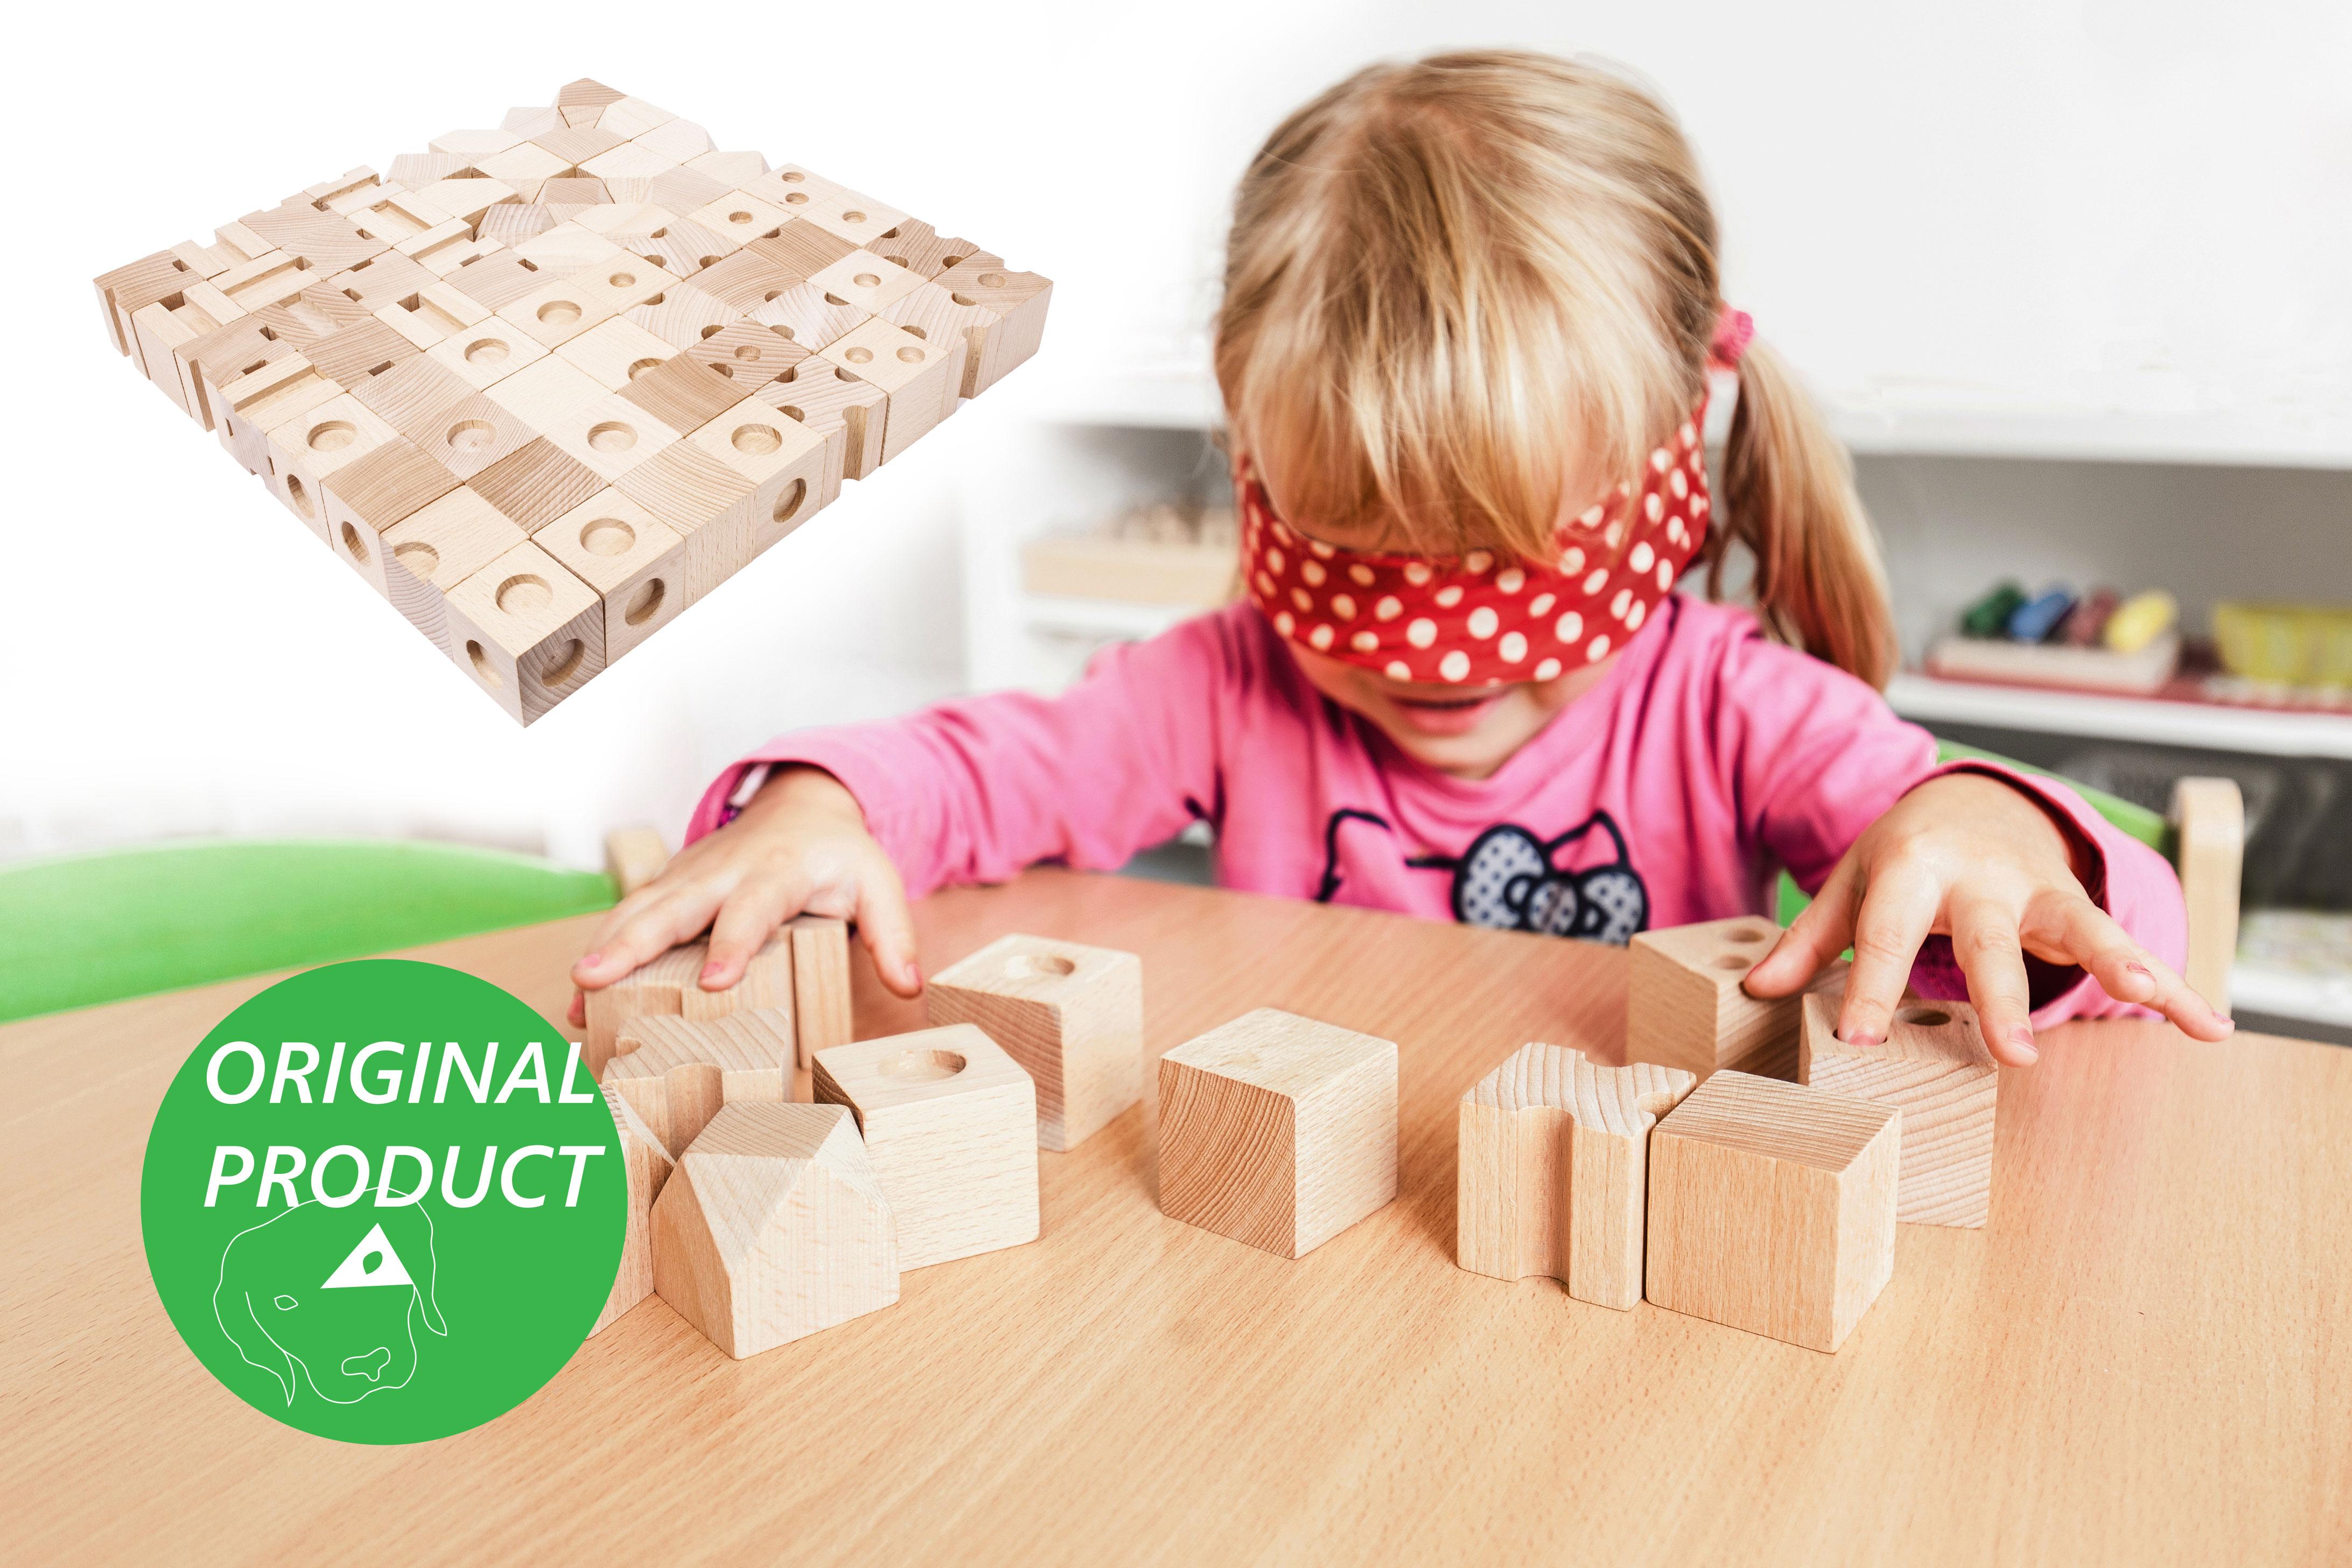 CODY DĚTSKÉ POMŮCKY Dřevěné hmatové kostky 4 stupně obtížnosti